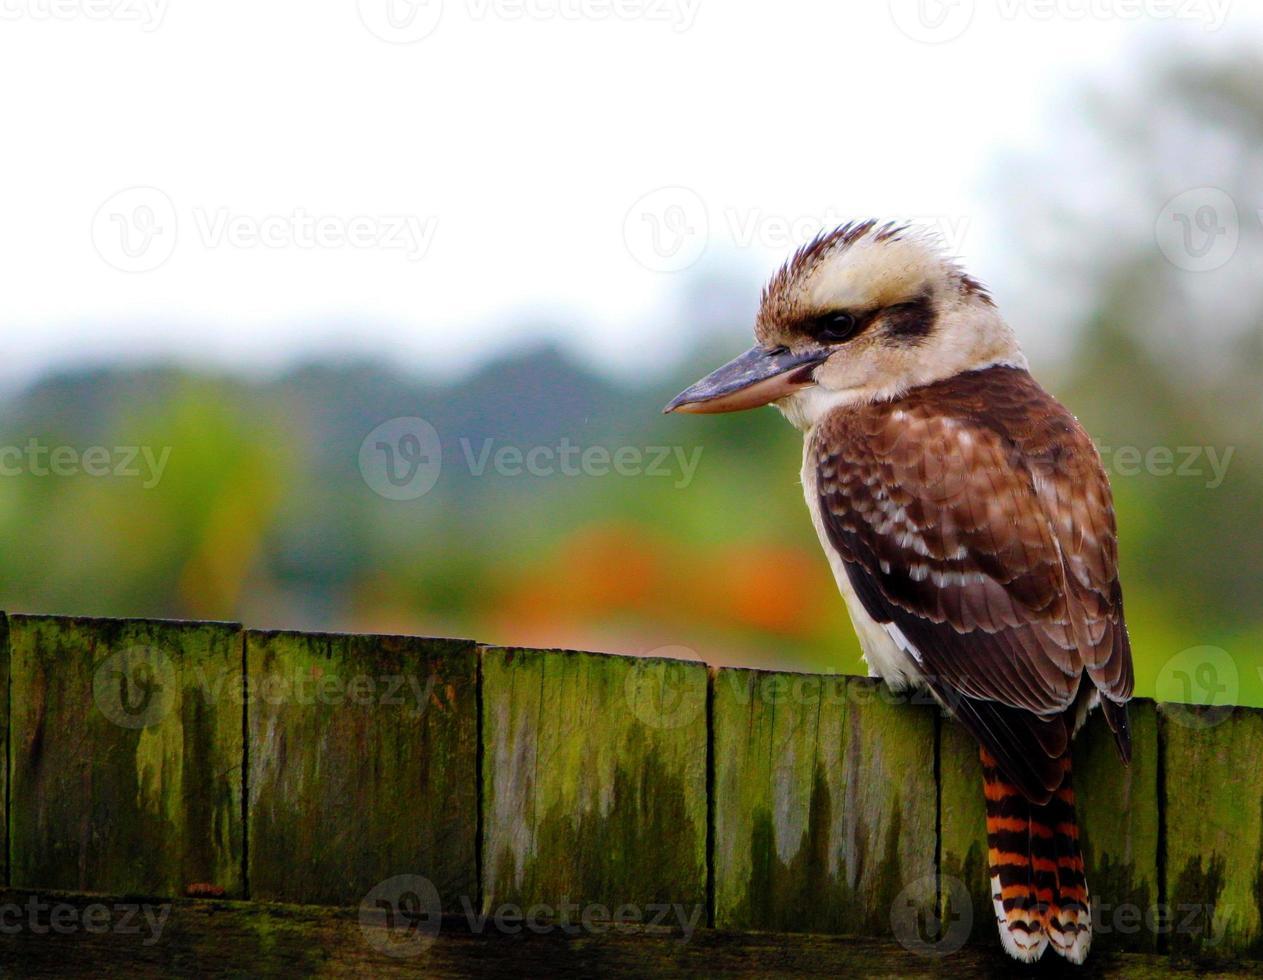 Kookabura assis sur une clôture photo